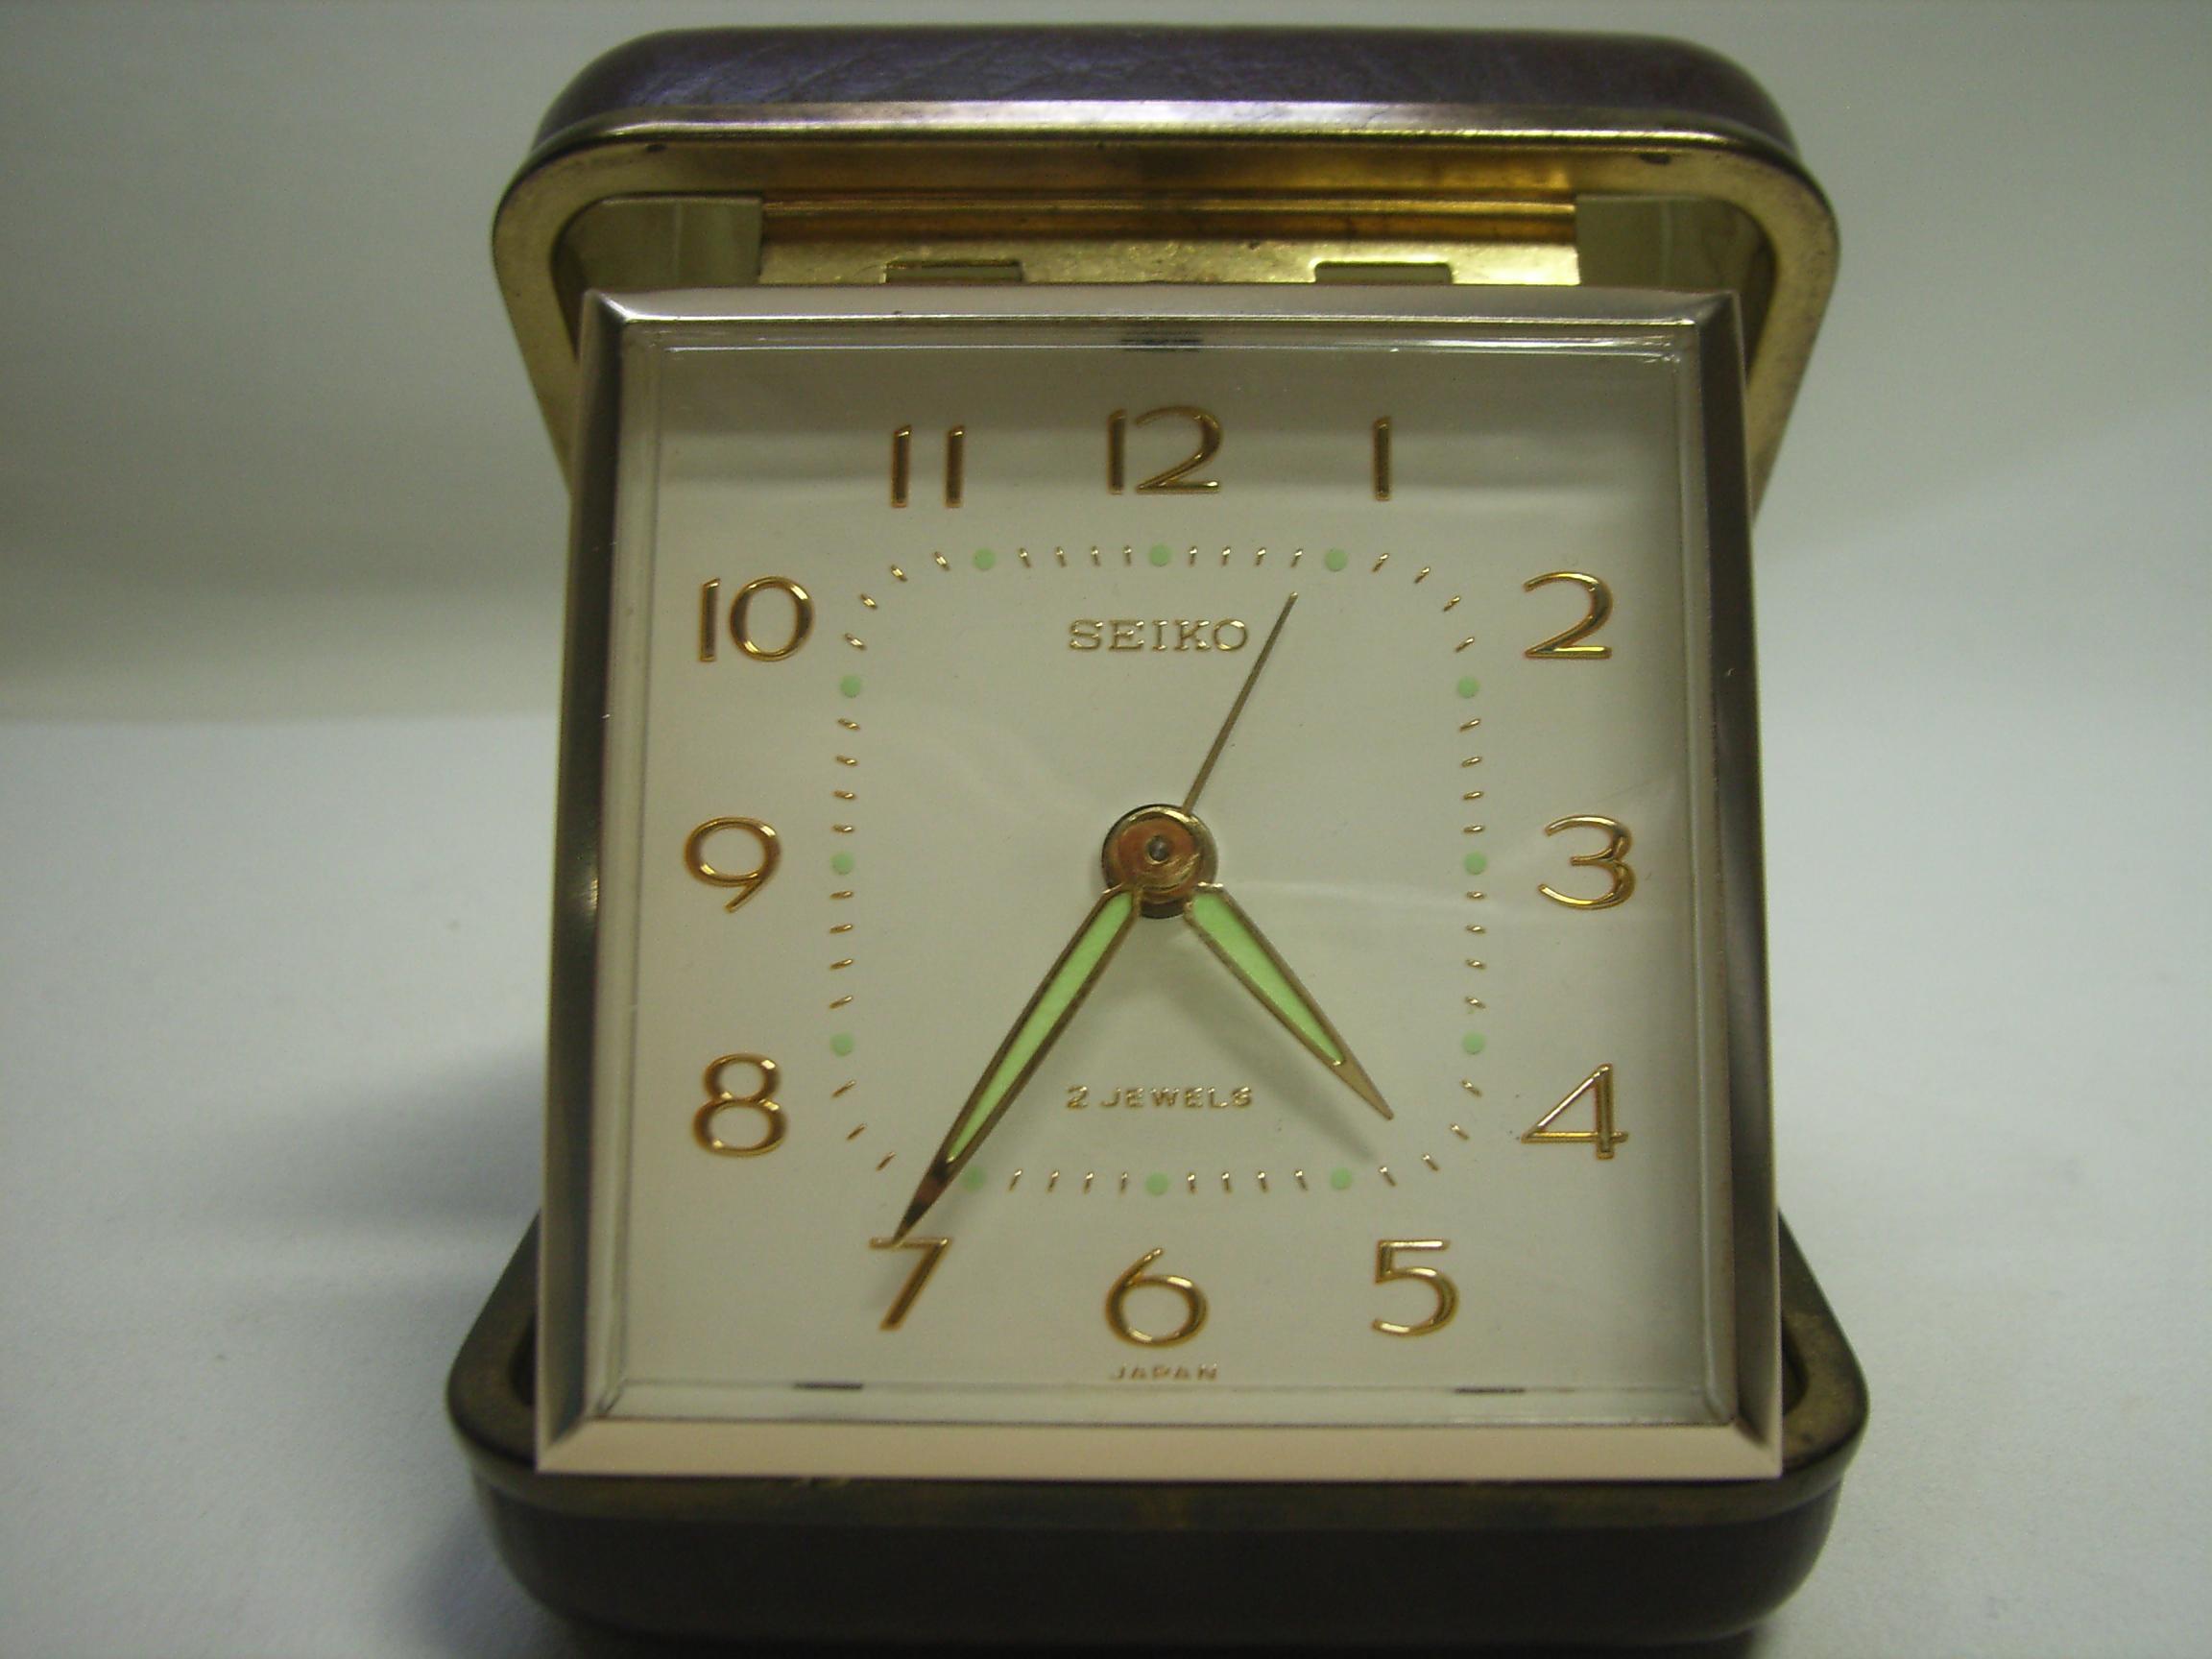 セイコー トラベルアラーム時計 手巻き こげ茶色 動作確認済み 現状 【AJ1125】